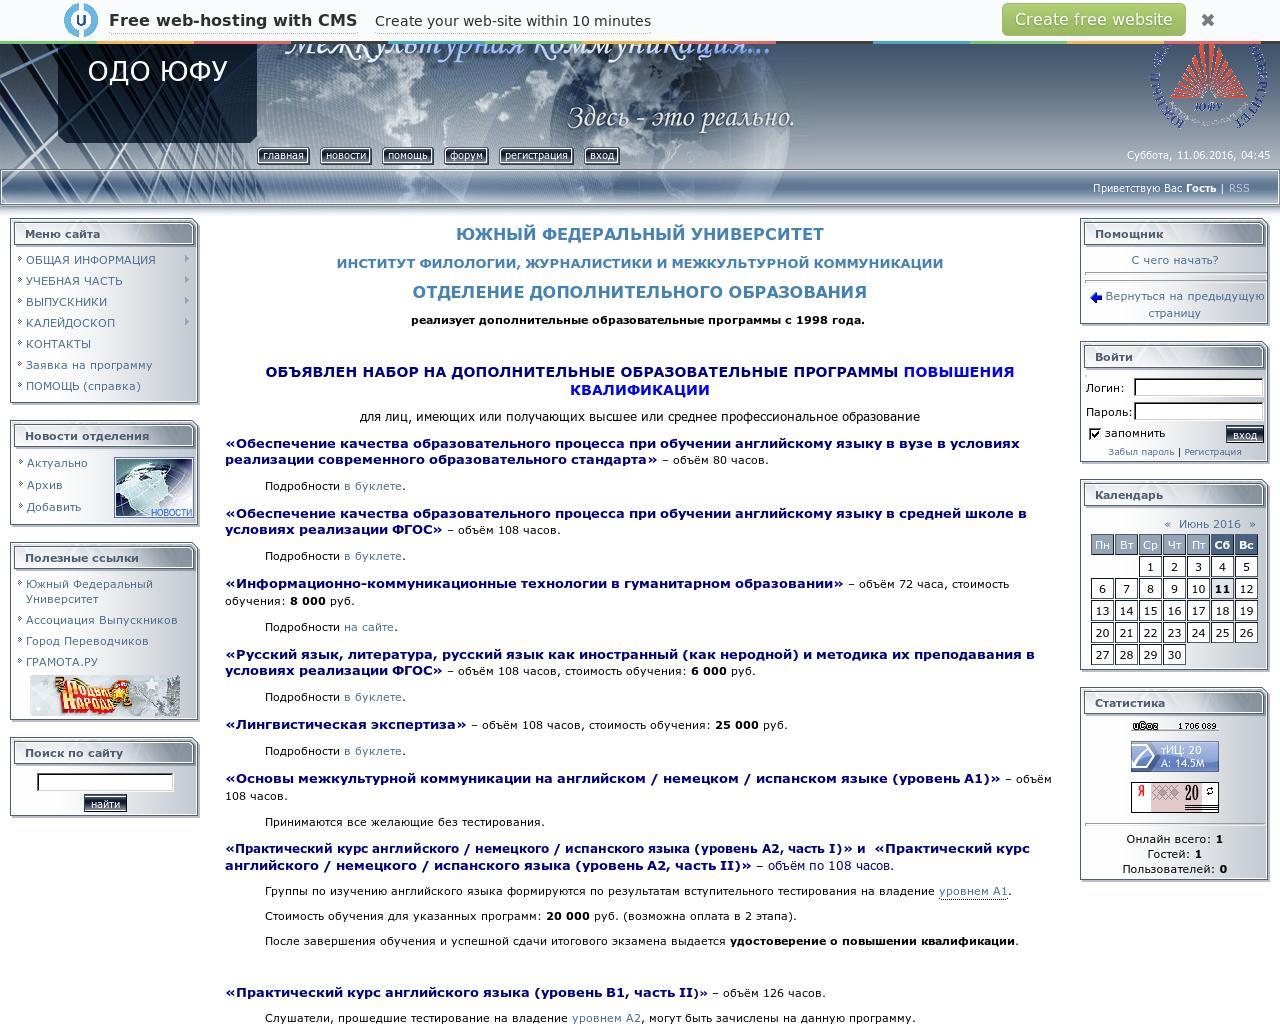 Доступ ограничен ISP ALESTATELECOM